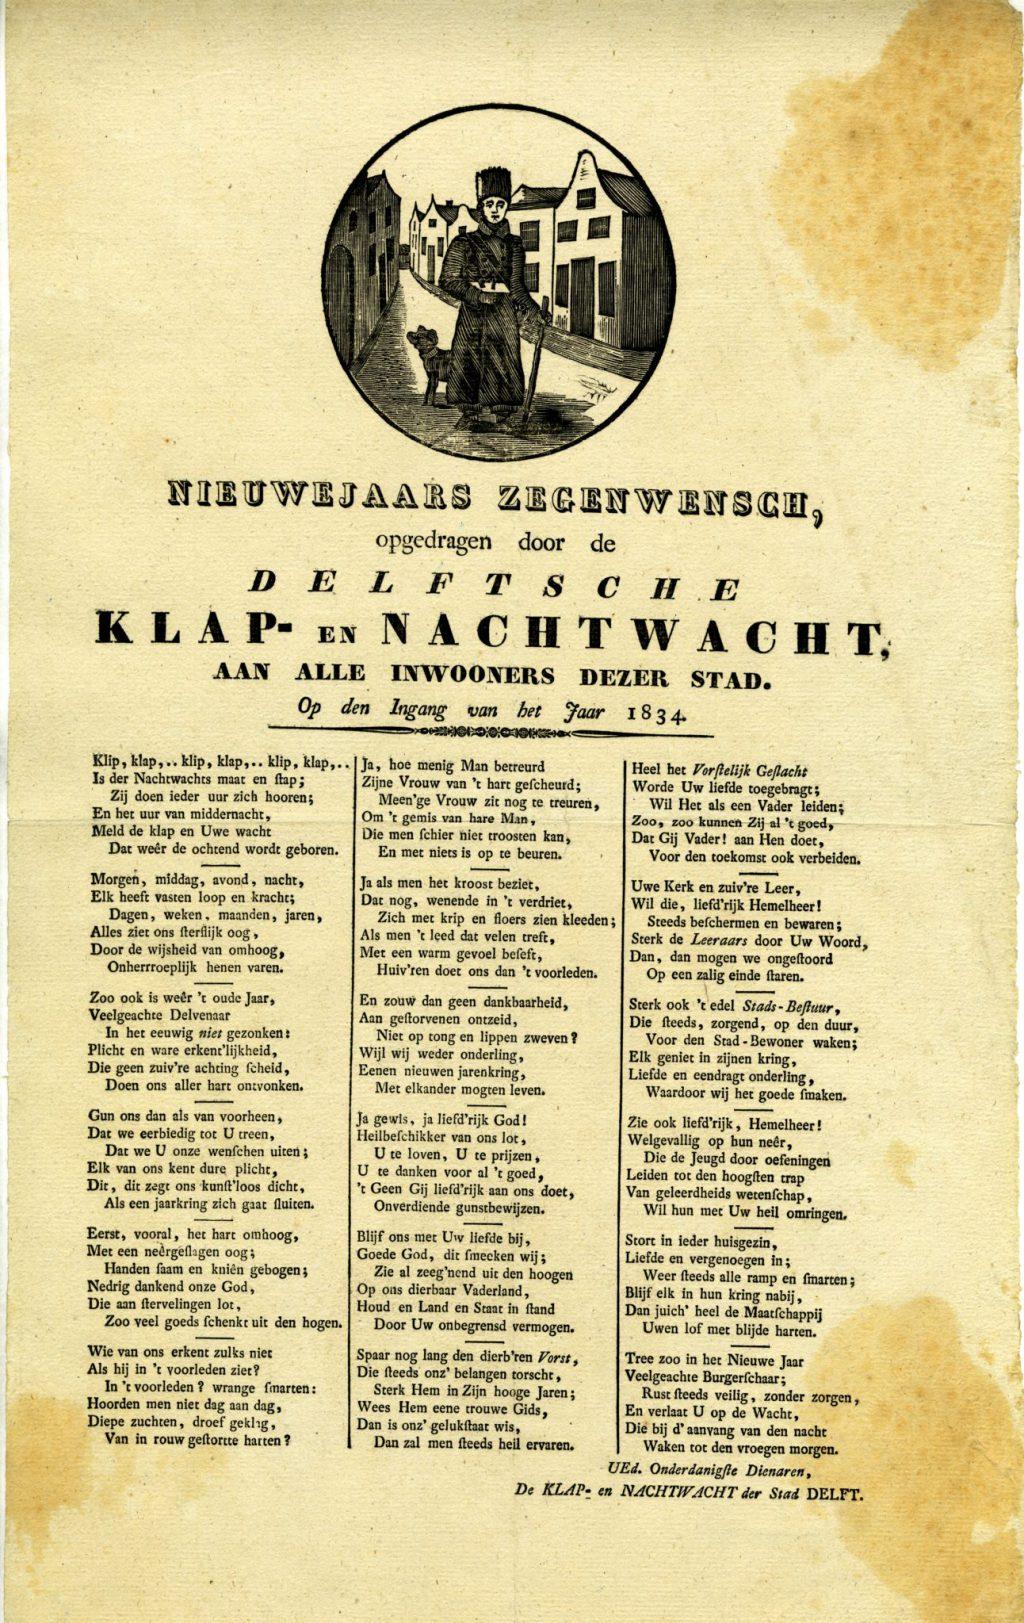 Nieuwjaarswens van Delftse klap- en nachtwacht, 1834 (TMS 216177)